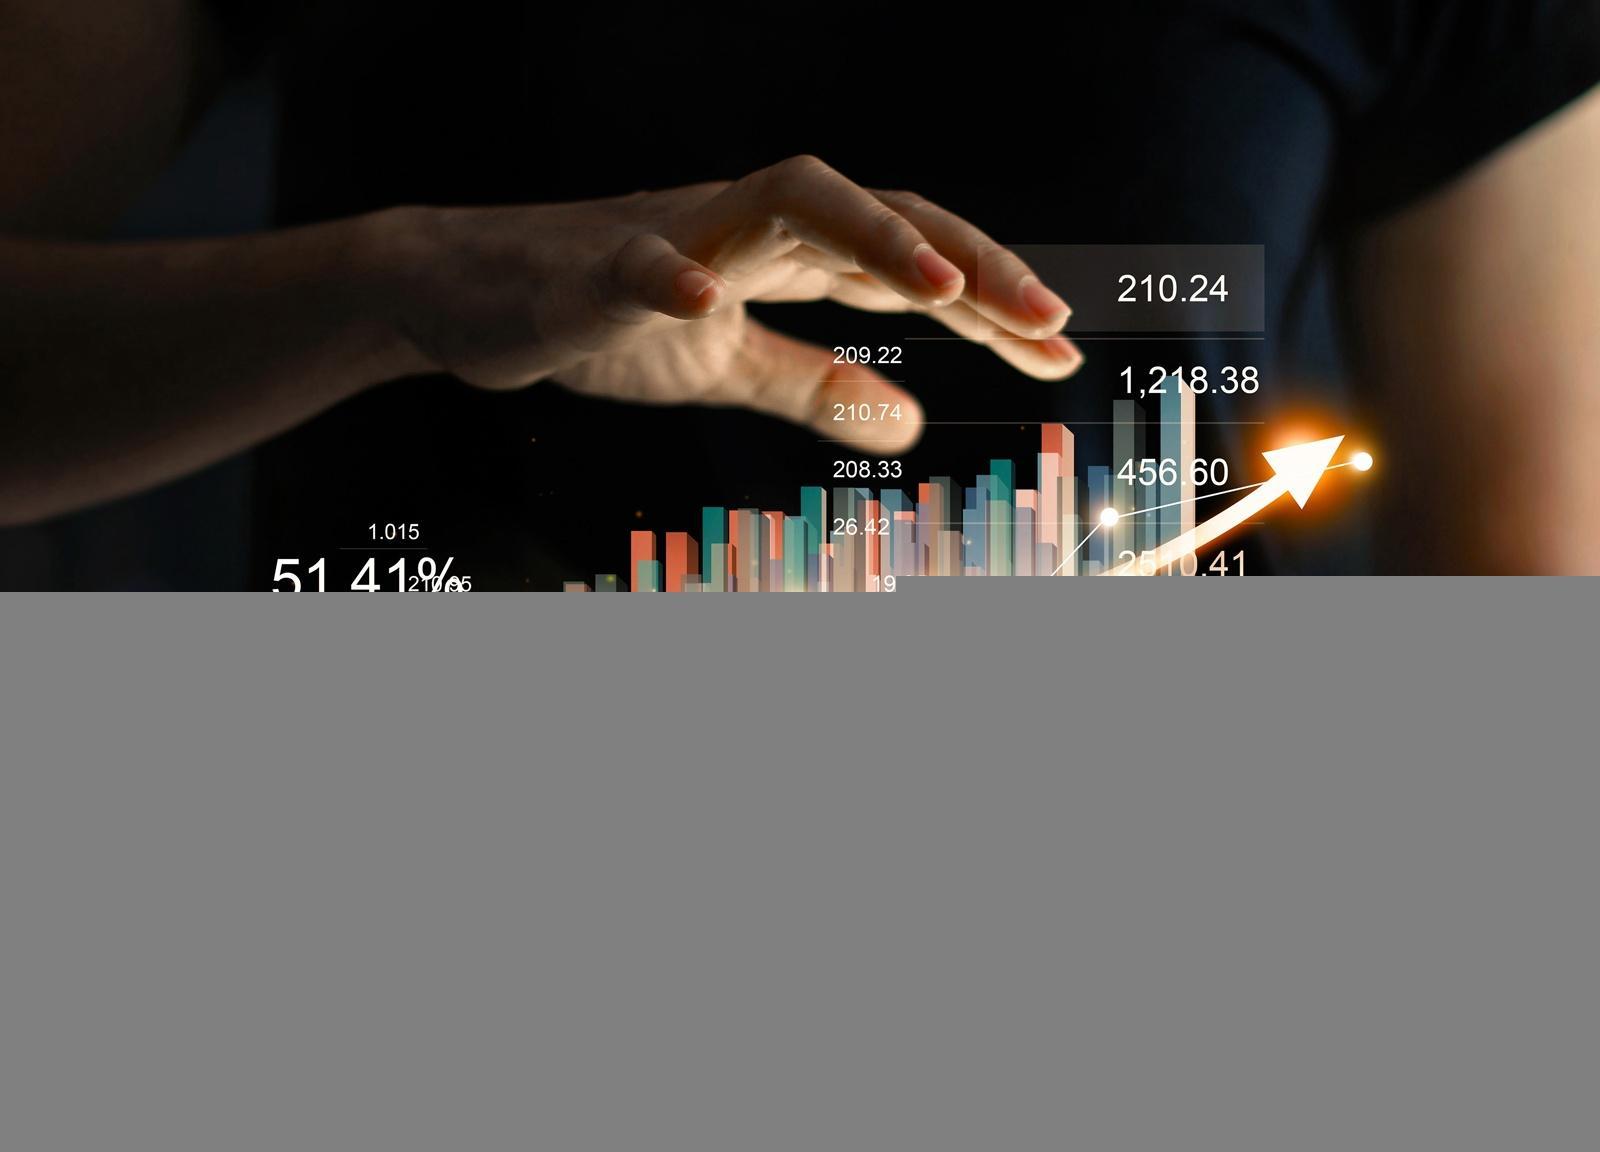 Gigantes da tecnologia apresentam recordes de lucros